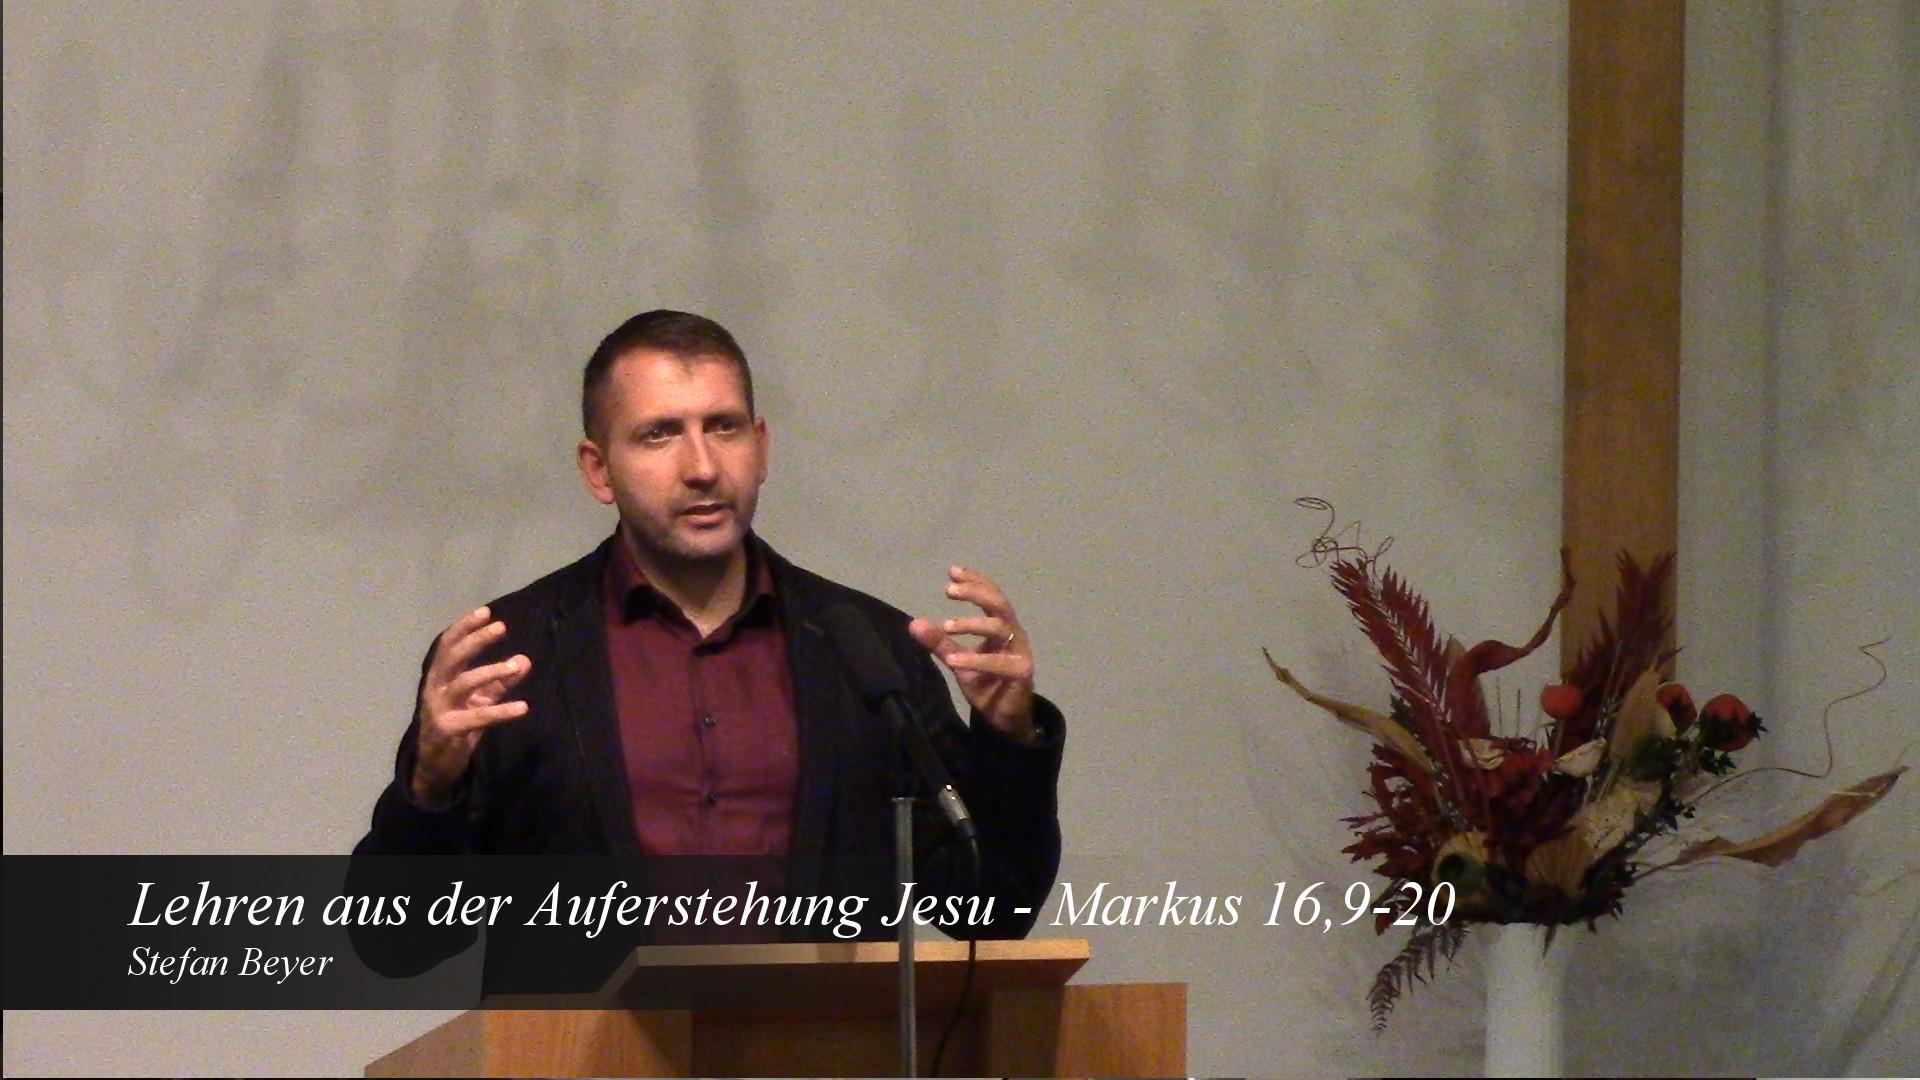 Lehren aus der Auferstehung Jesu